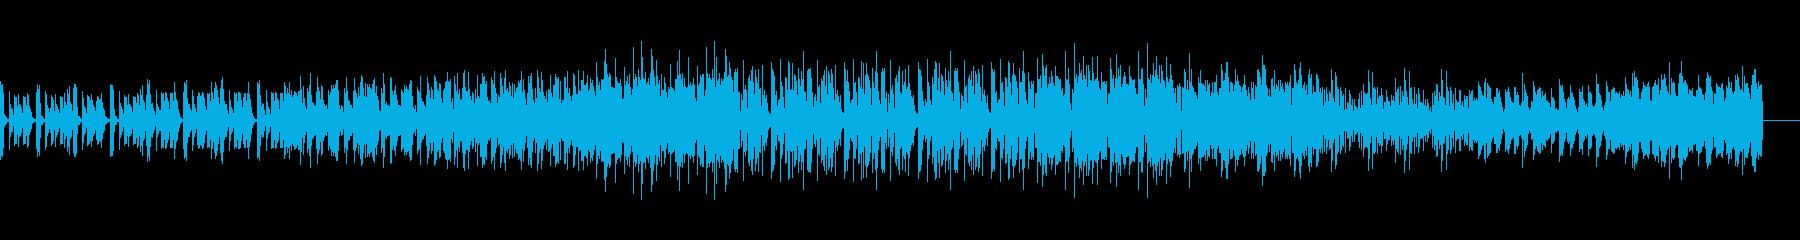 不気味なアンビエントハウスの再生済みの波形